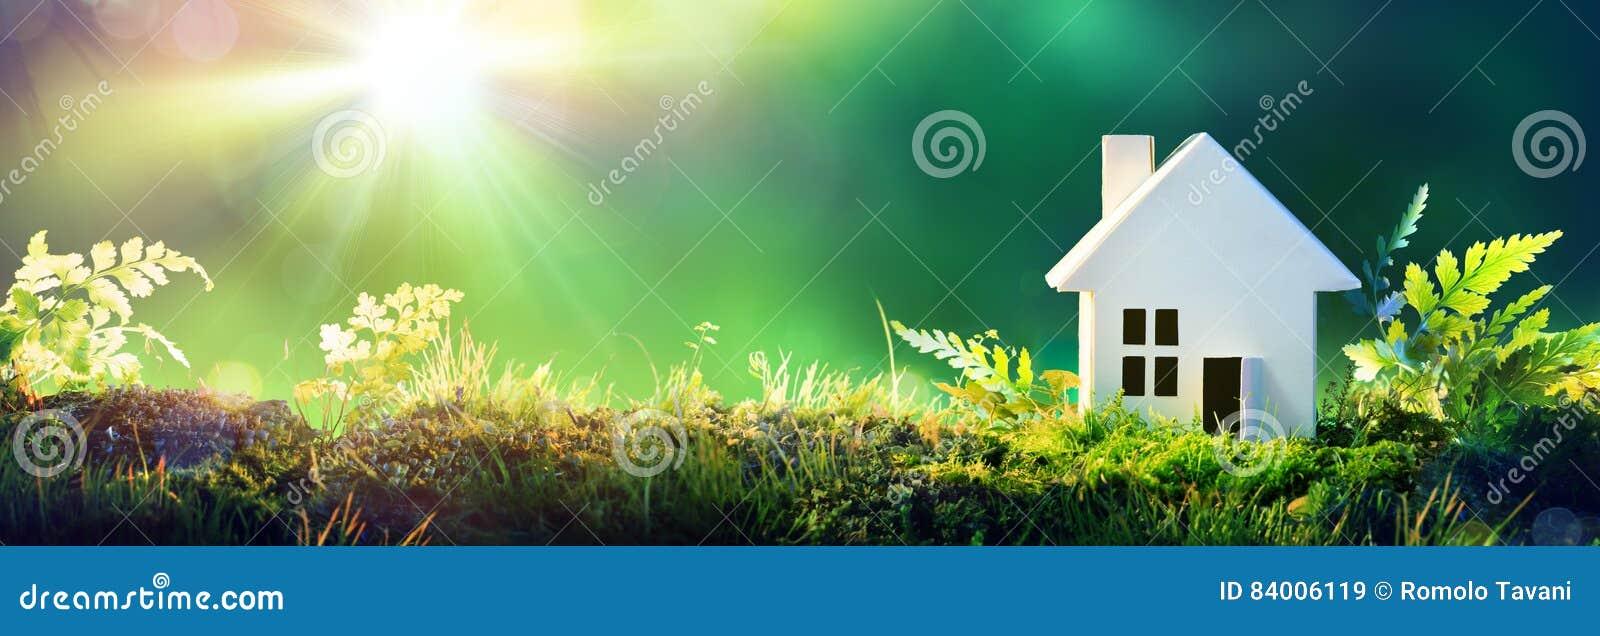 Дом Eco дружелюбный - бумажный дом на мхе